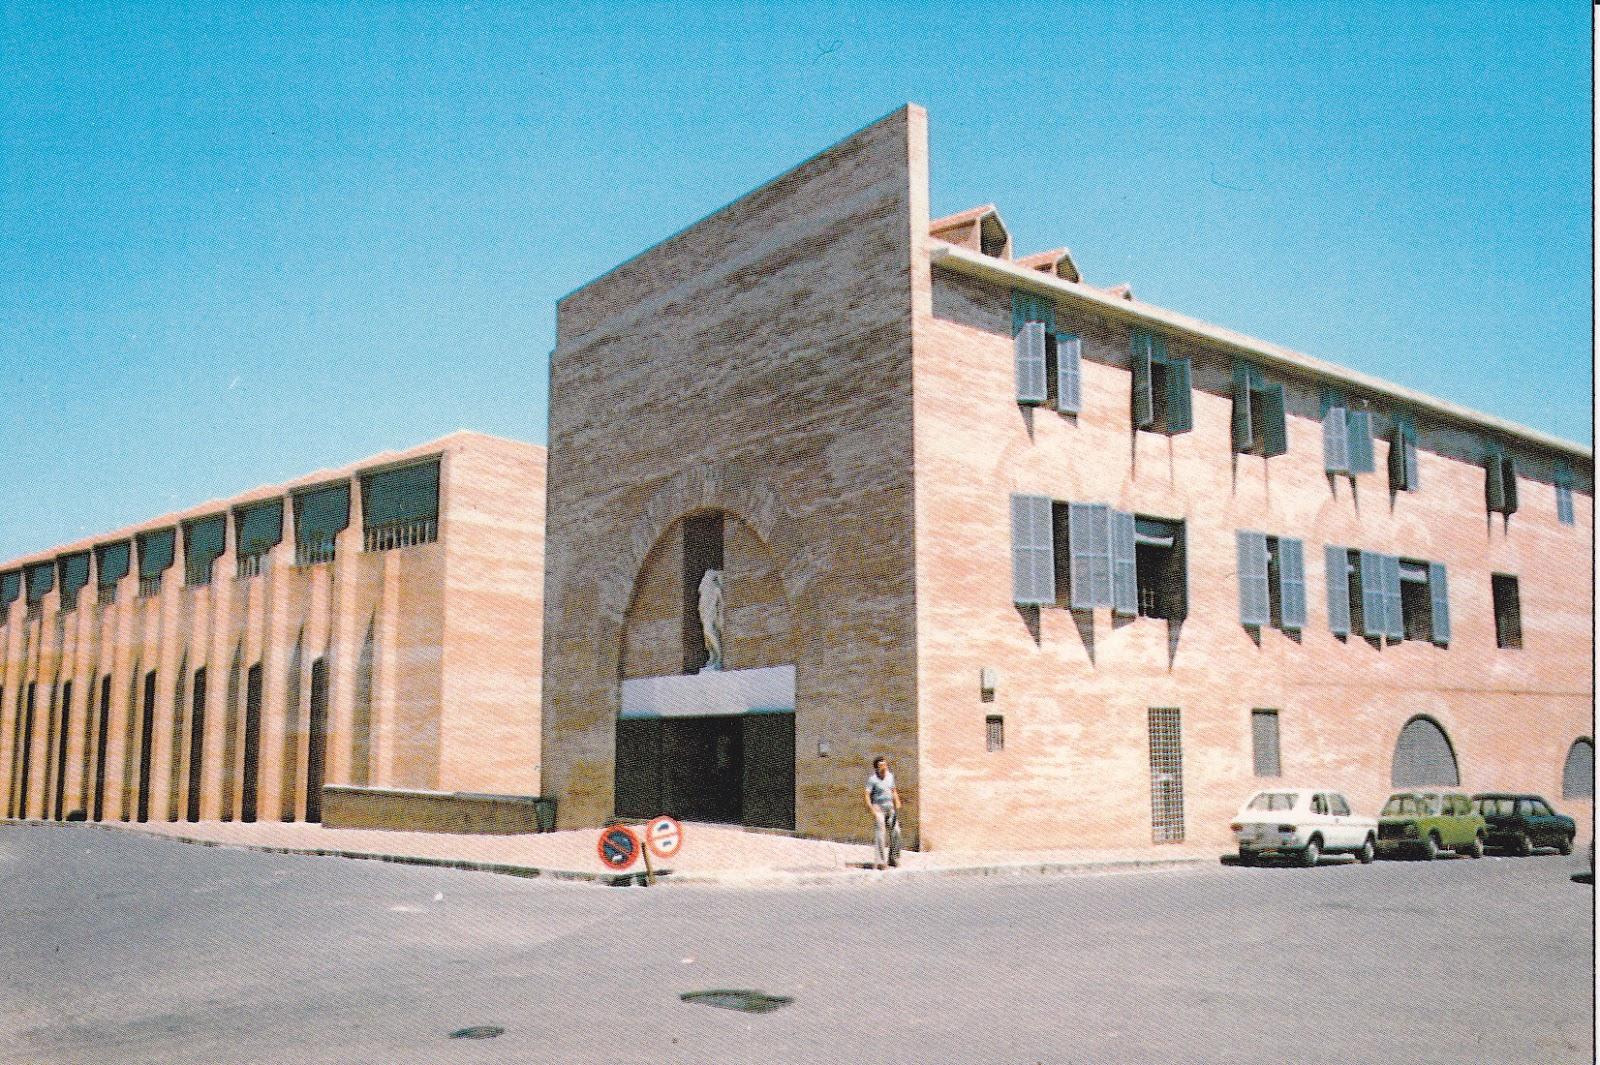 822. Merida, Museo Nacional de Arte Romano